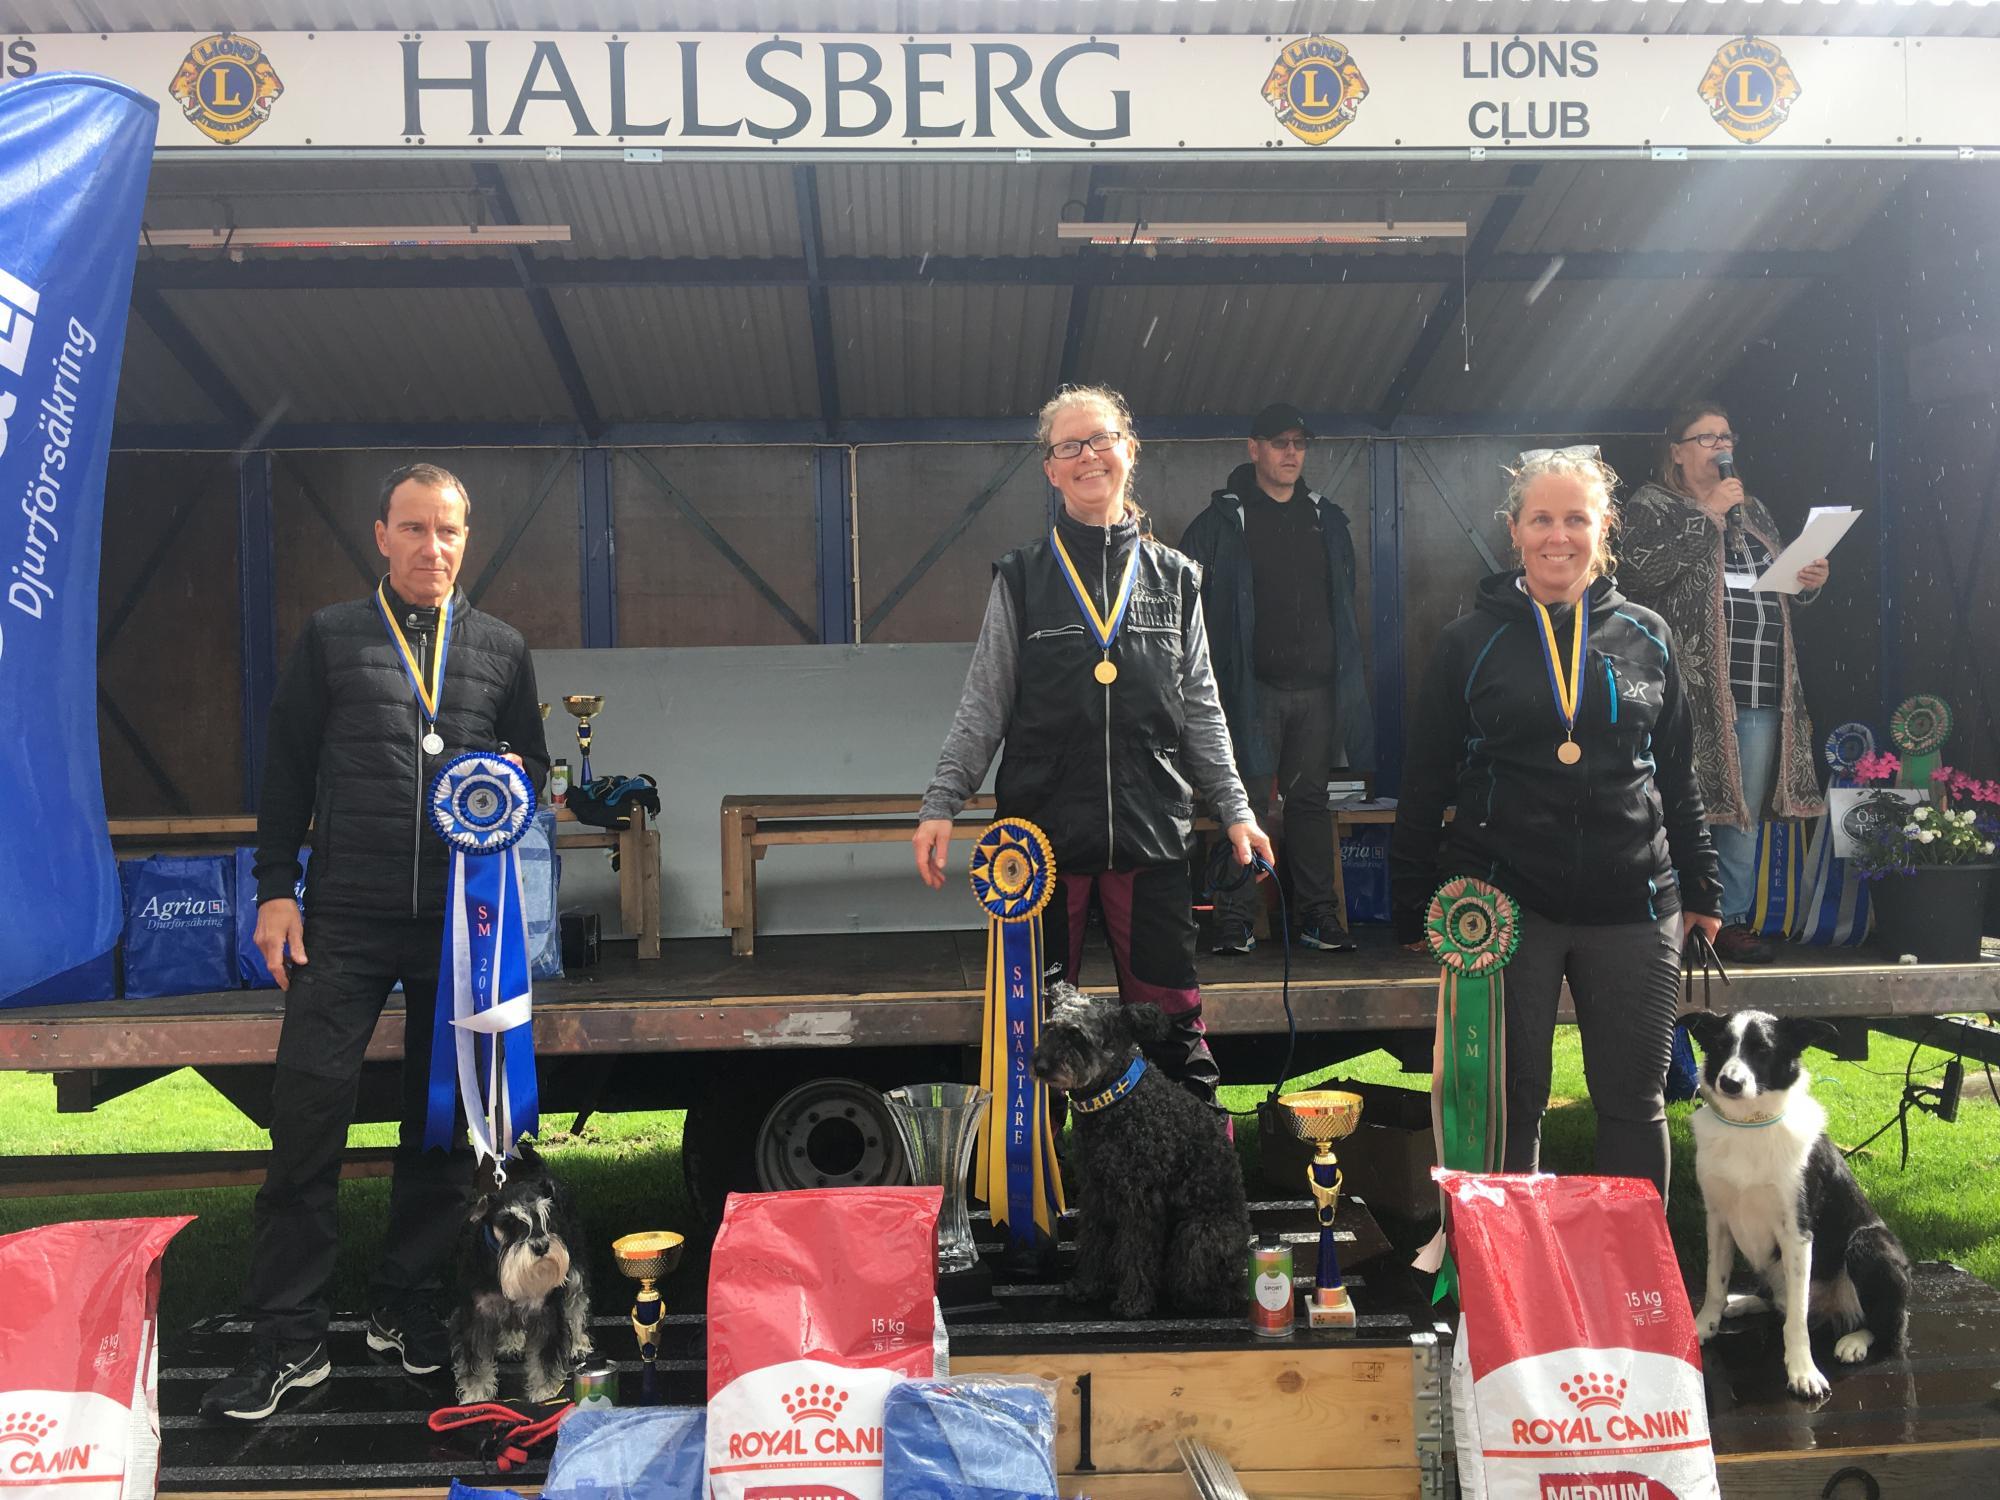 """Åsa Skog från Älmhult BHK vann rallylydnad tillsammans med sin Pumi  Czillah, """"Bennaz'Czillah El-Ra . 2a plats tog Rolf Hägne från VisbyBK med Messi, """"Hnoss Xlnt Desire"""", en Dvärgschnauzer & 3a Lisa Grönstedt från Karlshamns BK medBorder Collien Tam, """"Ever On Tam""""."""